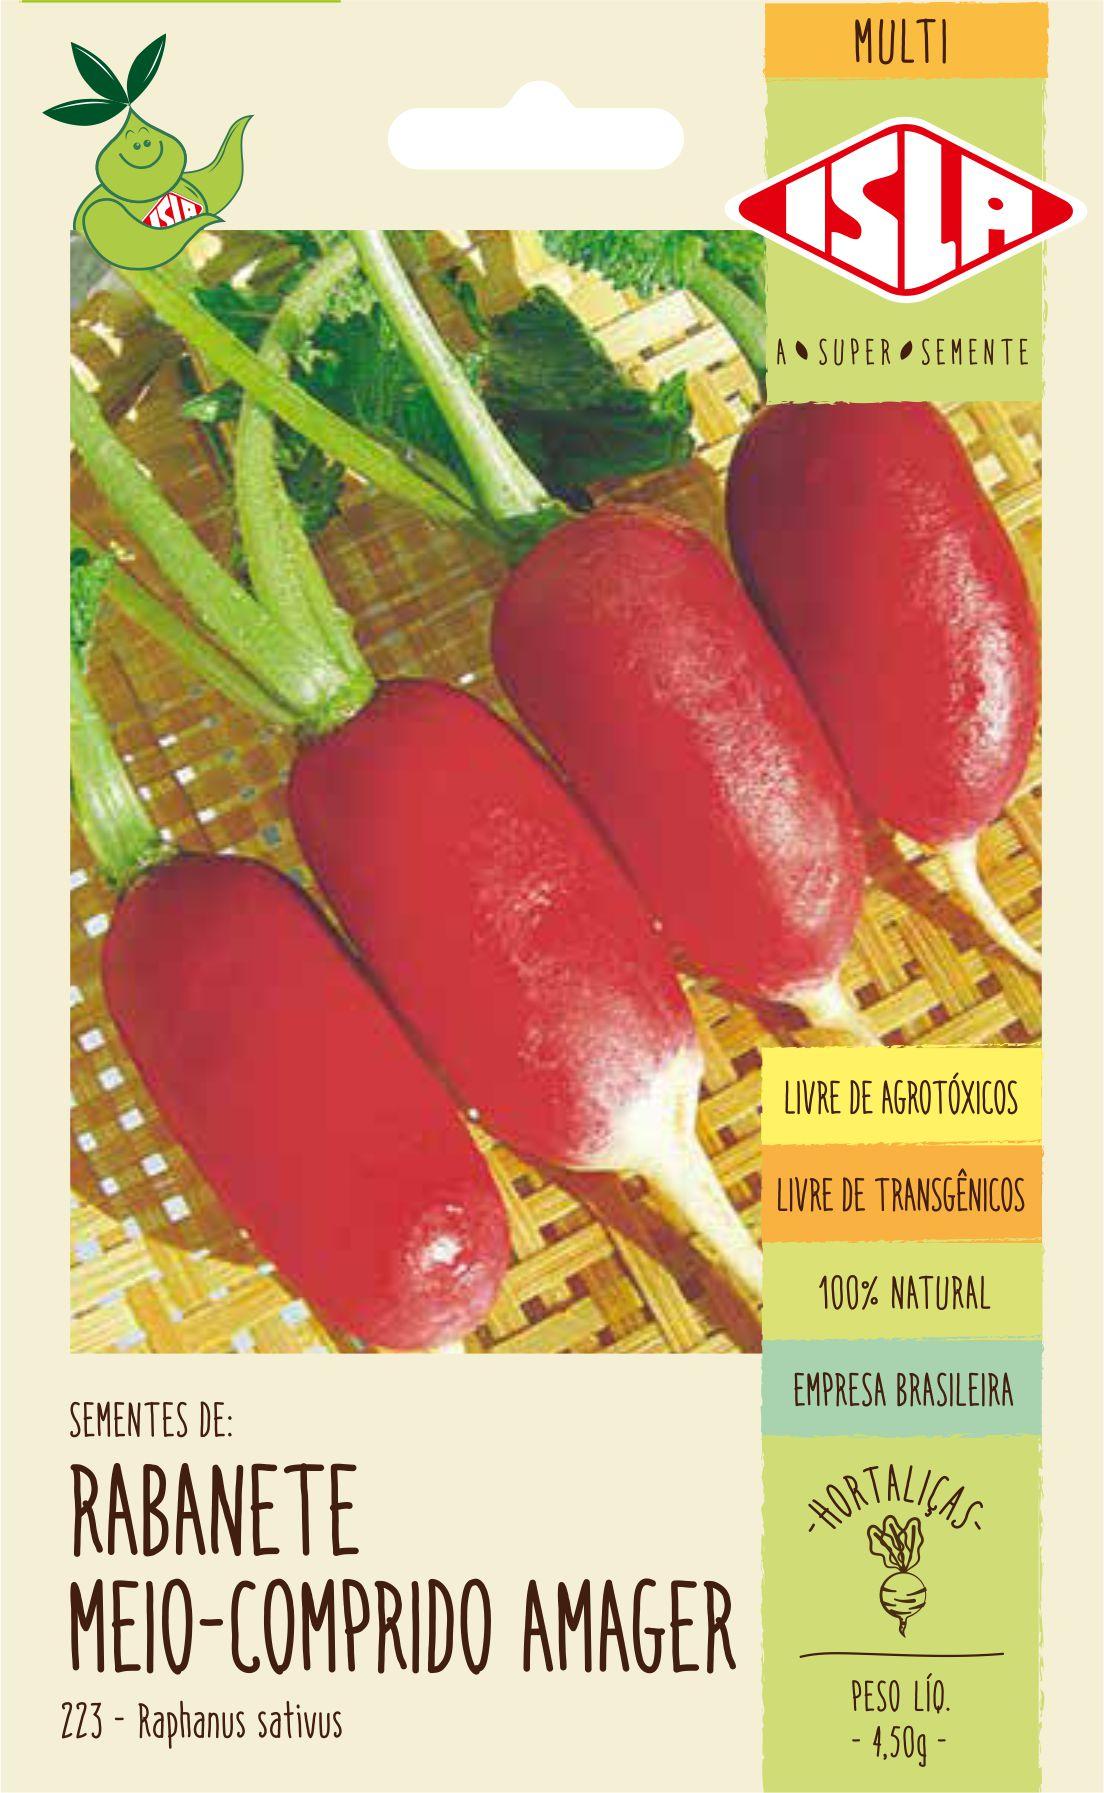 Sementes de Rabanete Meio Comprido Amager 4,50g - Isla Multi